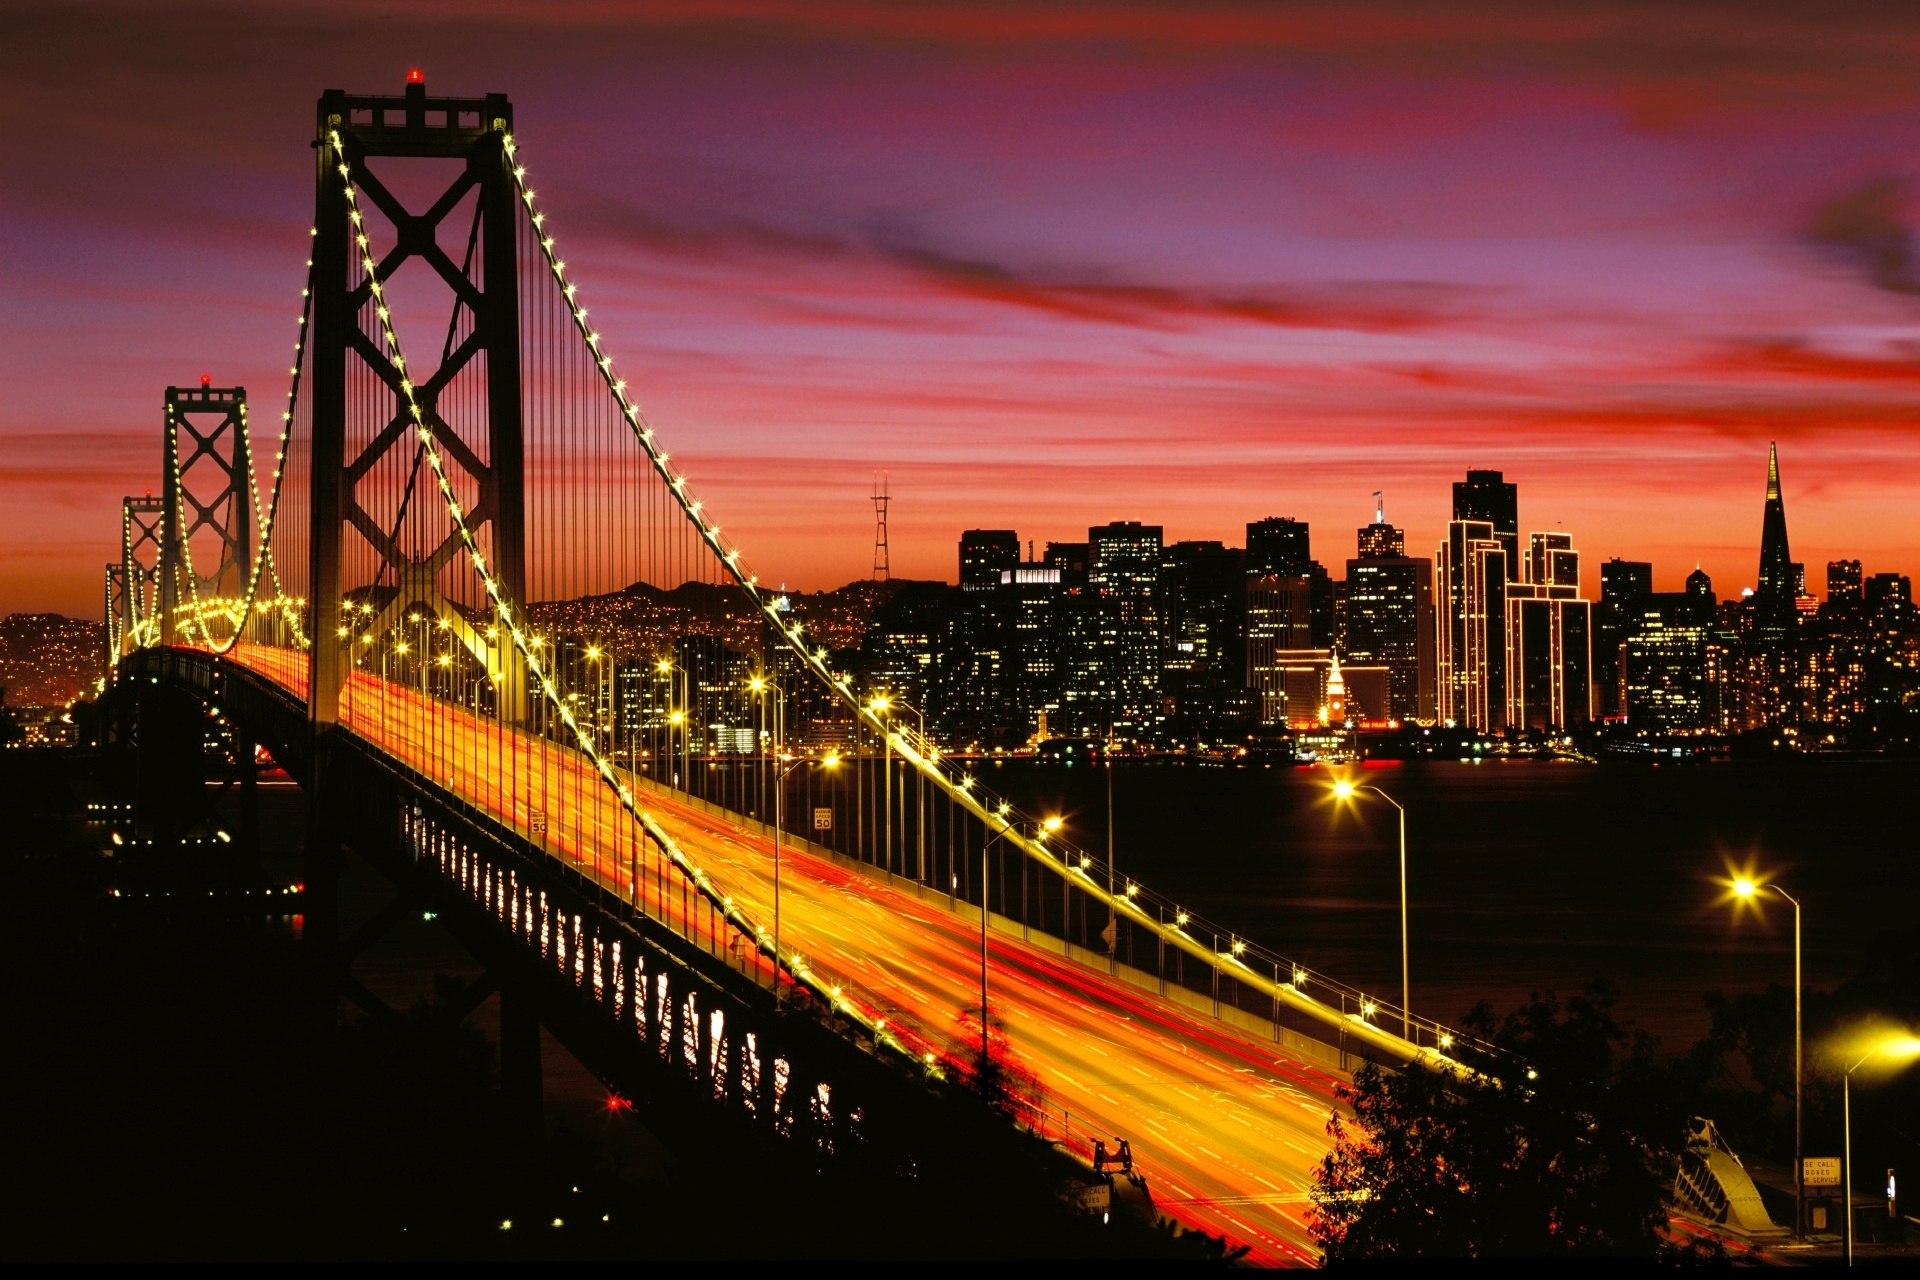 夕暮れのベイブリッジ サンフランシスコ アメリカの風景